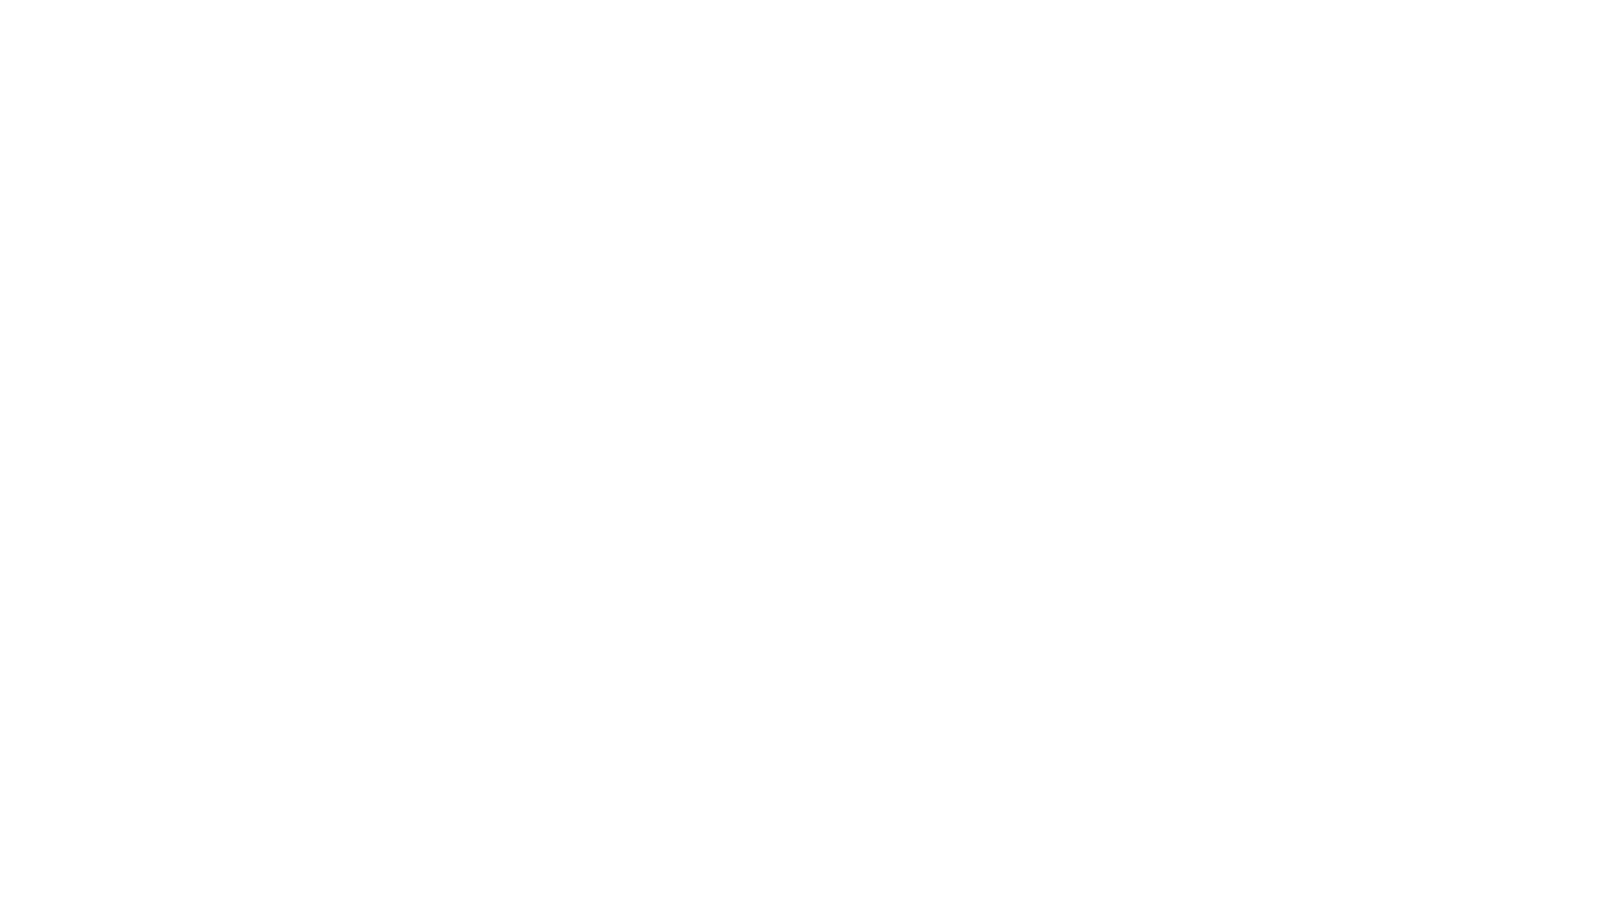 Il SUMMER MUSIC CAMPUS nasce per offrire un'esperienza nuova, divertente e stimolante, che non sia solo un momento di approfondimento didattico ma anche un importante momento di aggregazione e socializzazione per tutti i ragazzi  che condividono la stessa passione e lo stesso interesse per la musica. Una sorta di Vacanza Studio Musicale in cui i ragazzi, a partire dagli 8 anni, saranno immersi nel mondo della Musica e del sano divertimento. Campagna Salerno